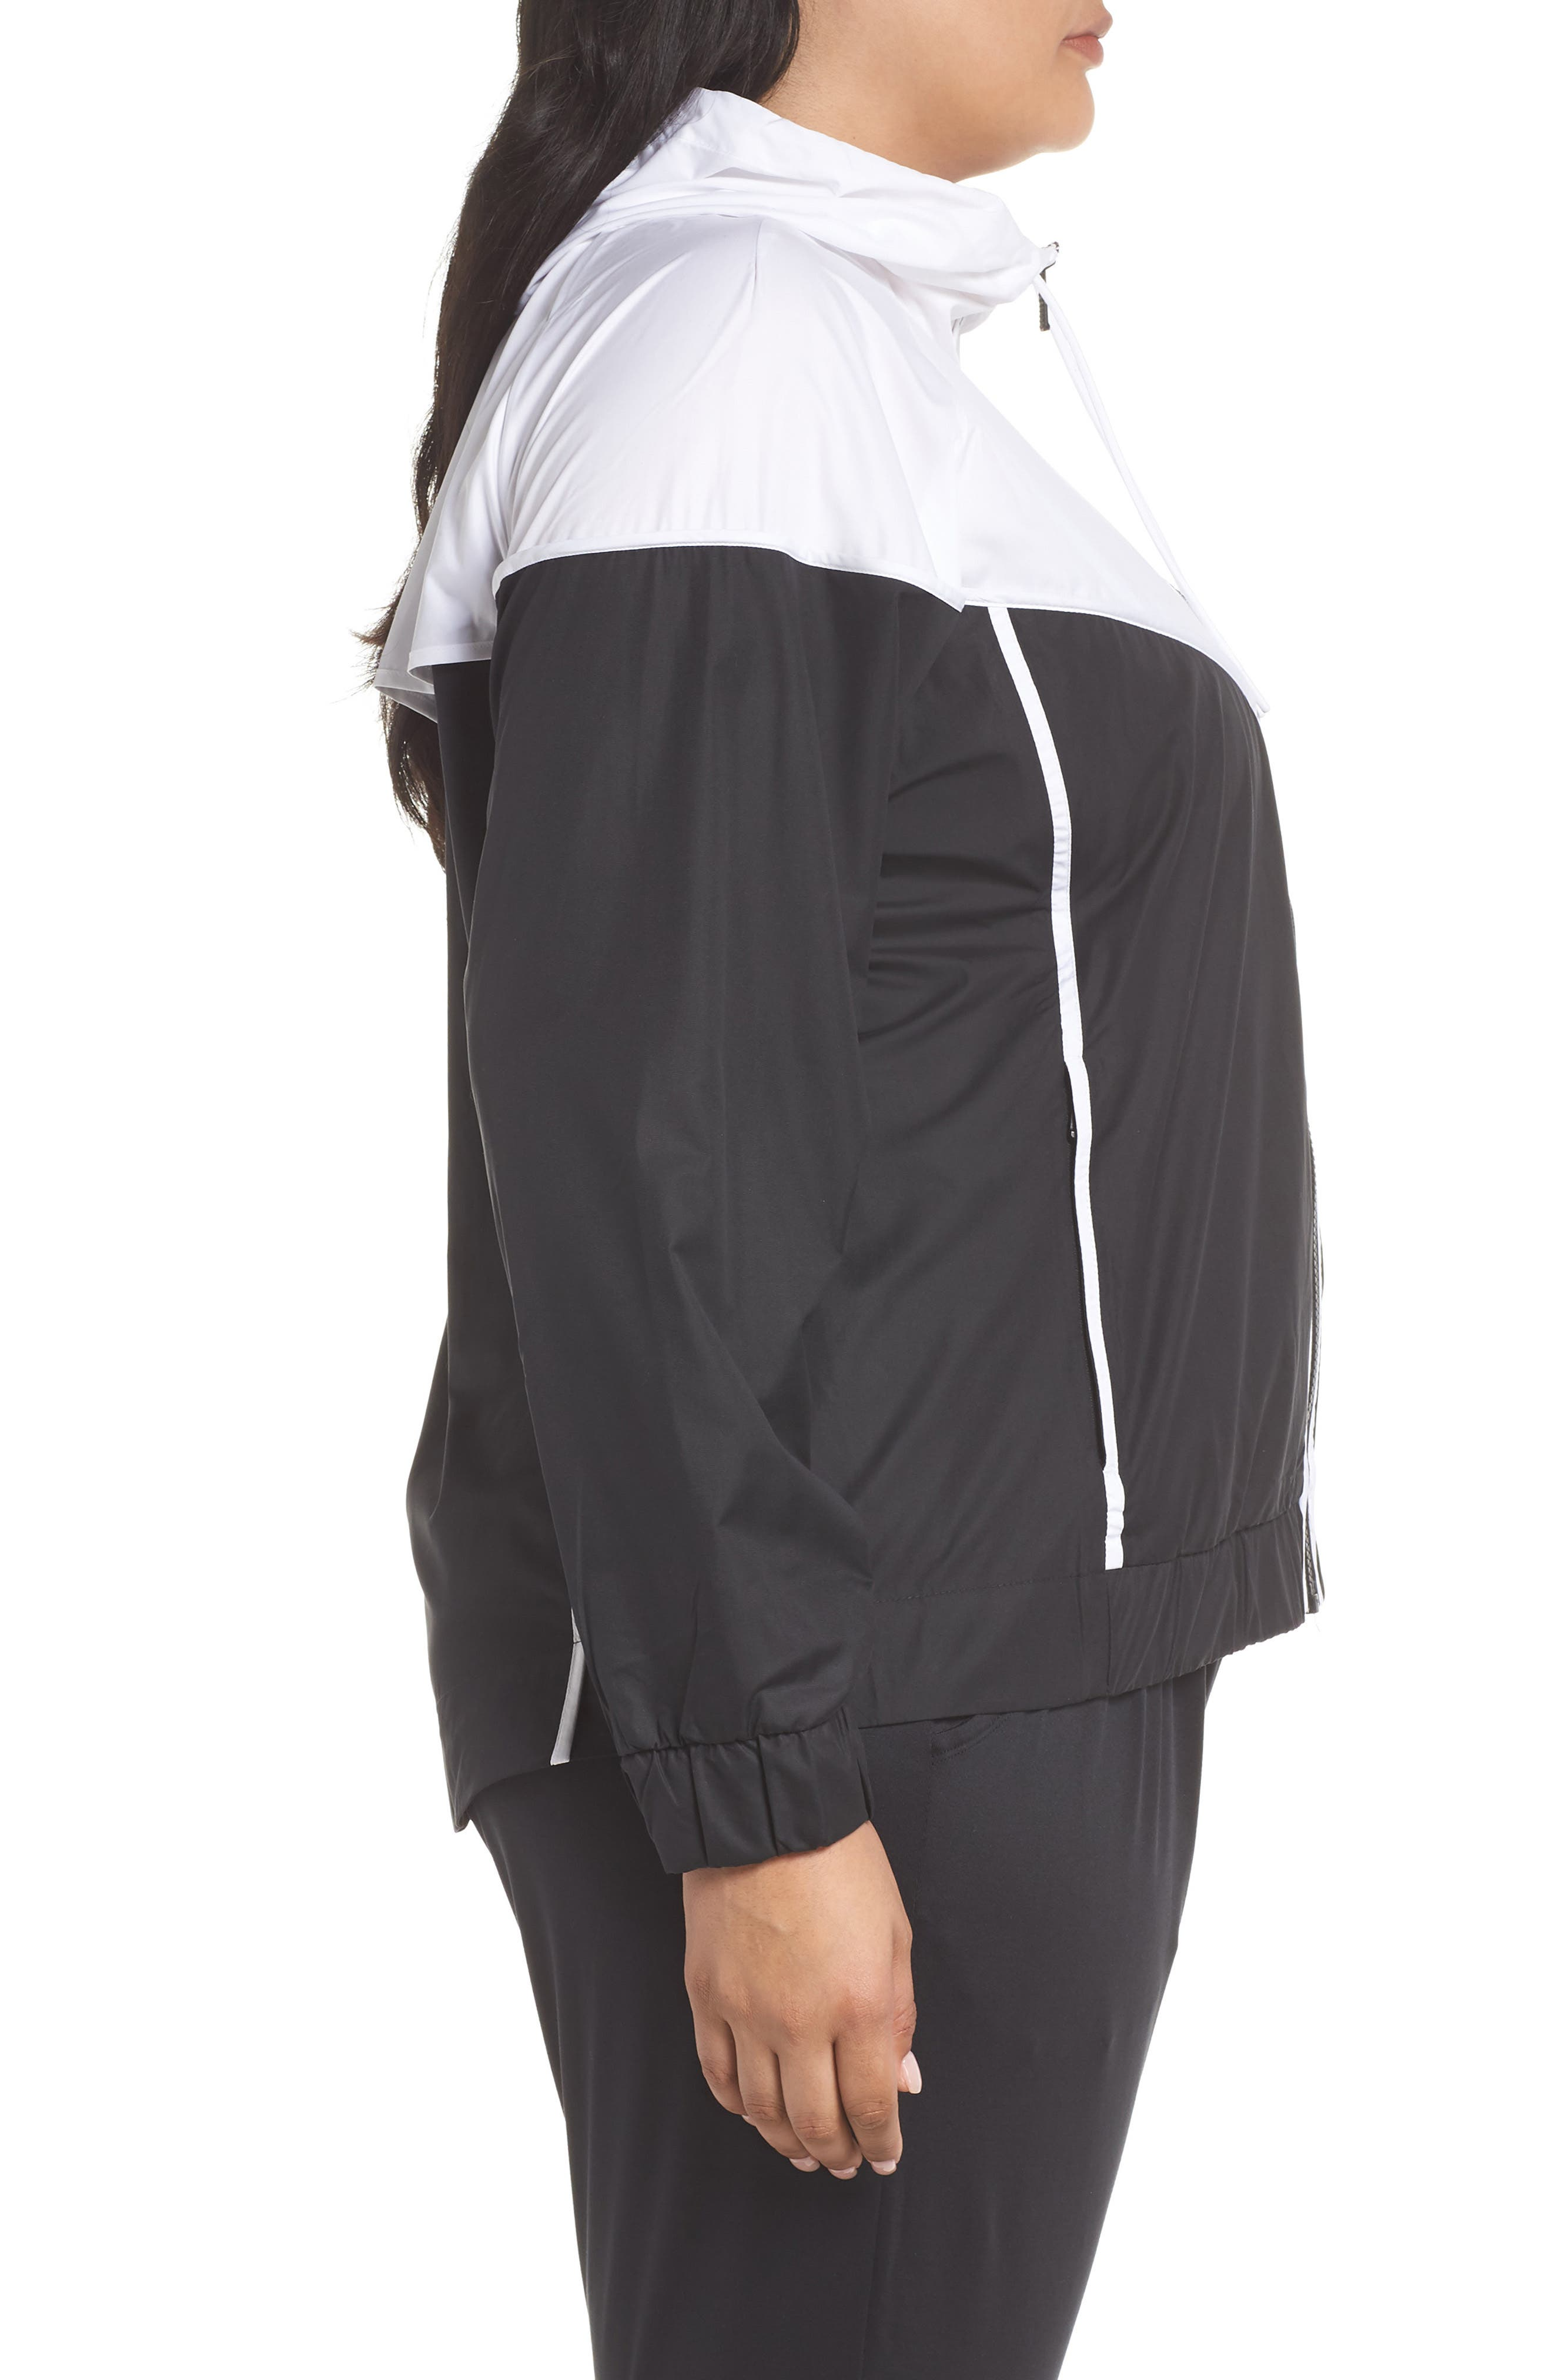 NIKE, Sportswear Windrunner Jacket, Alternate thumbnail 4, color, BLACK/ WHITE/ BLACK